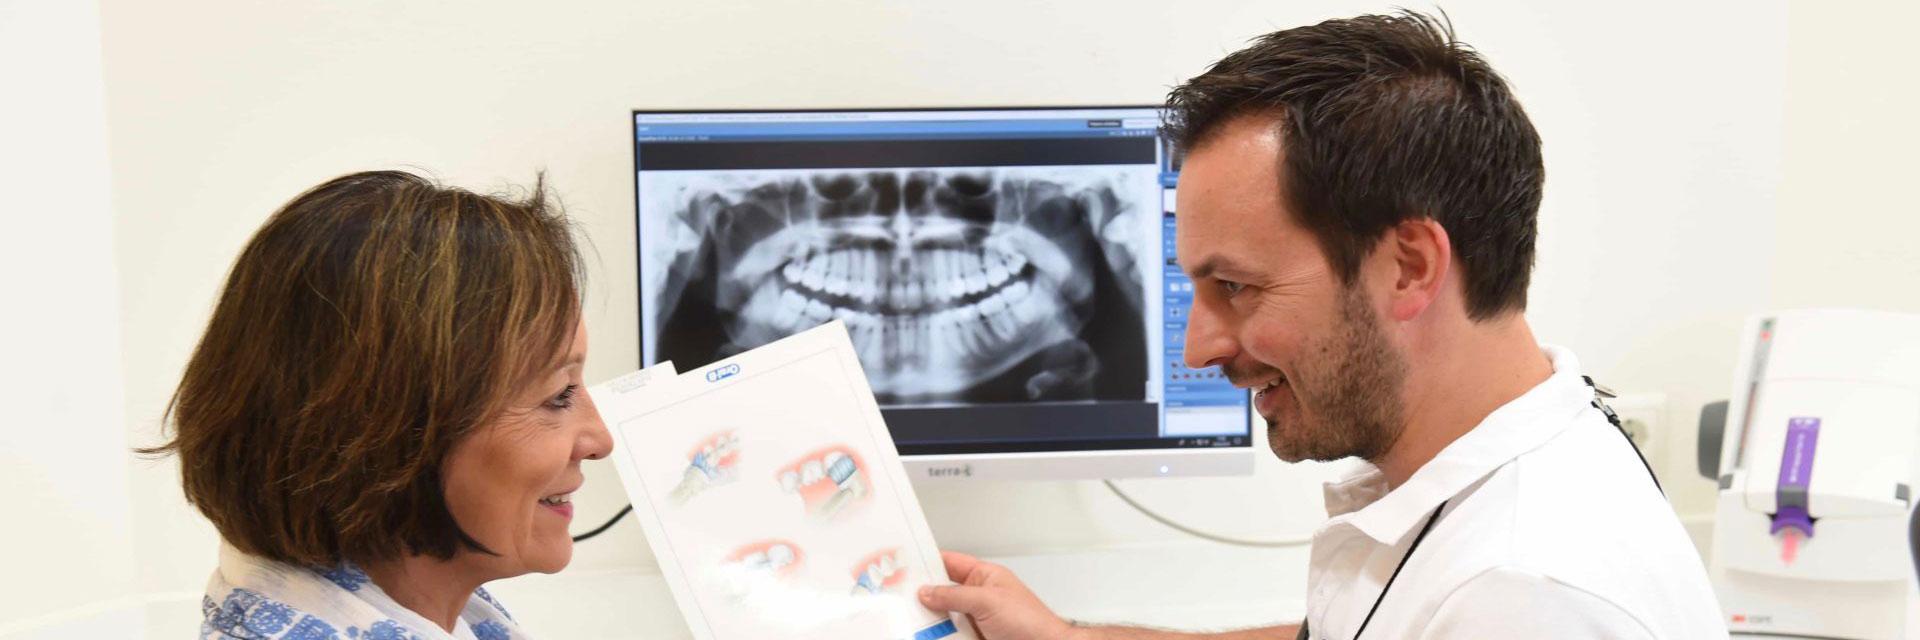 Zahnarzt Dr.Hoischen im Beratungsgespräch mit Patientin in Münchner Praxis